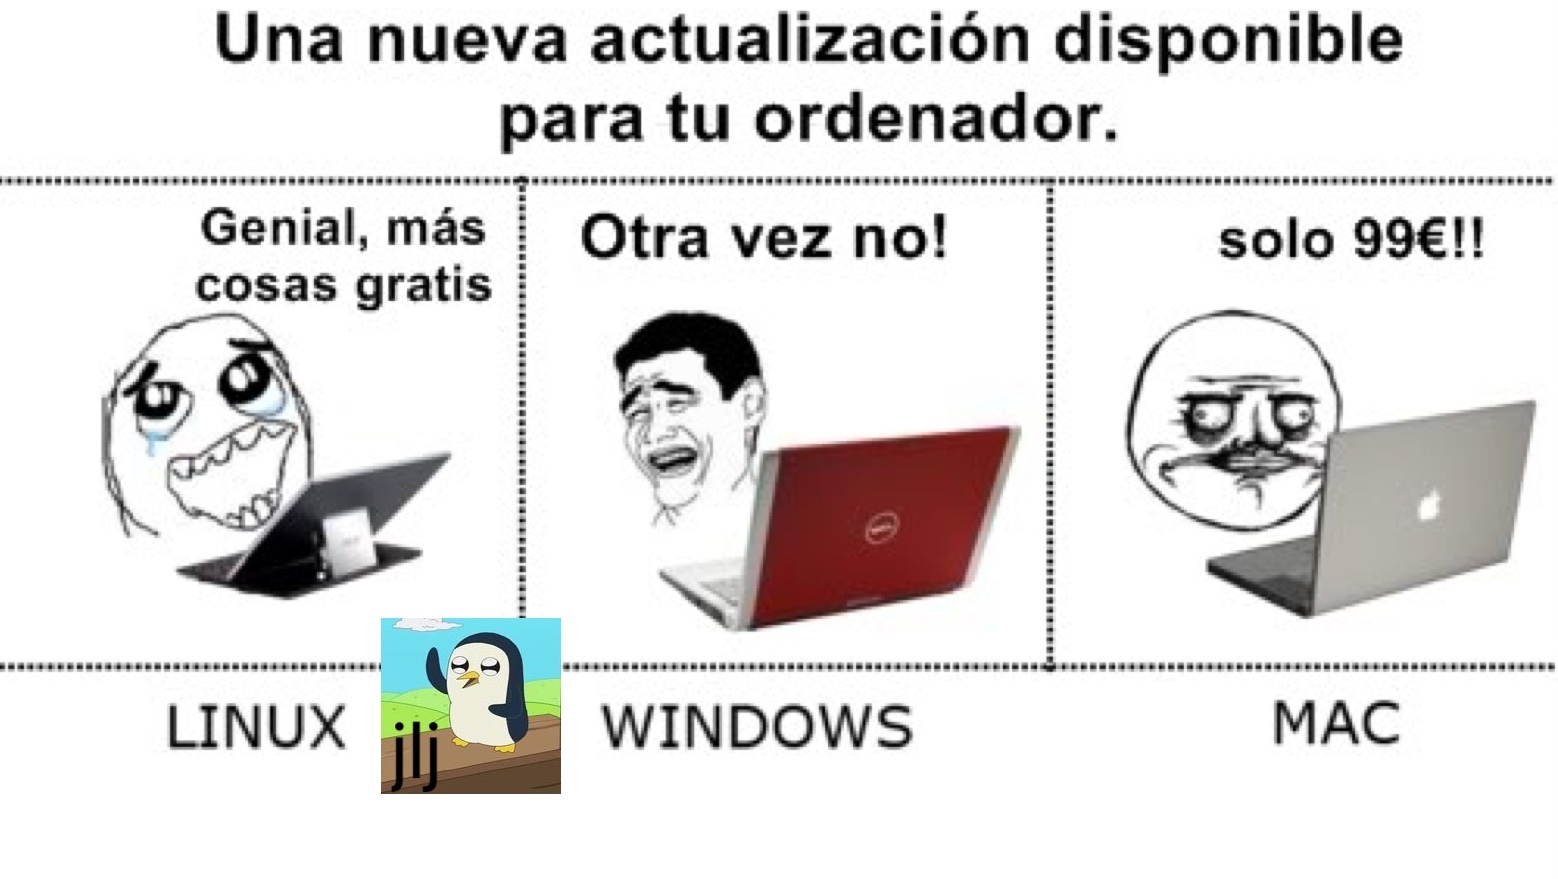 Linux op - meme